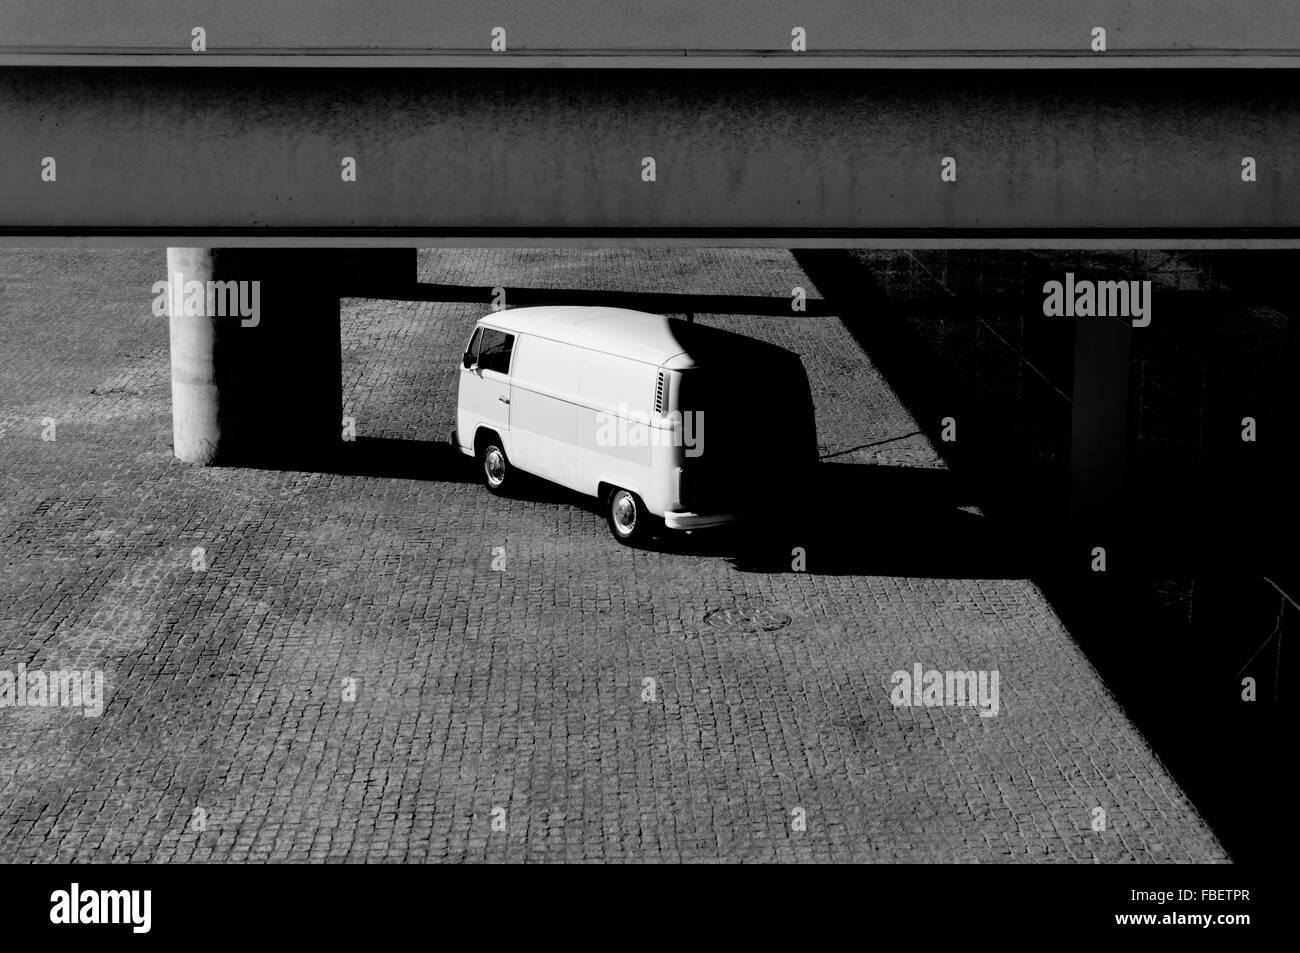 Ángulo de visión baja de Van bajo el edificio en el Estacionamiento Foto de stock